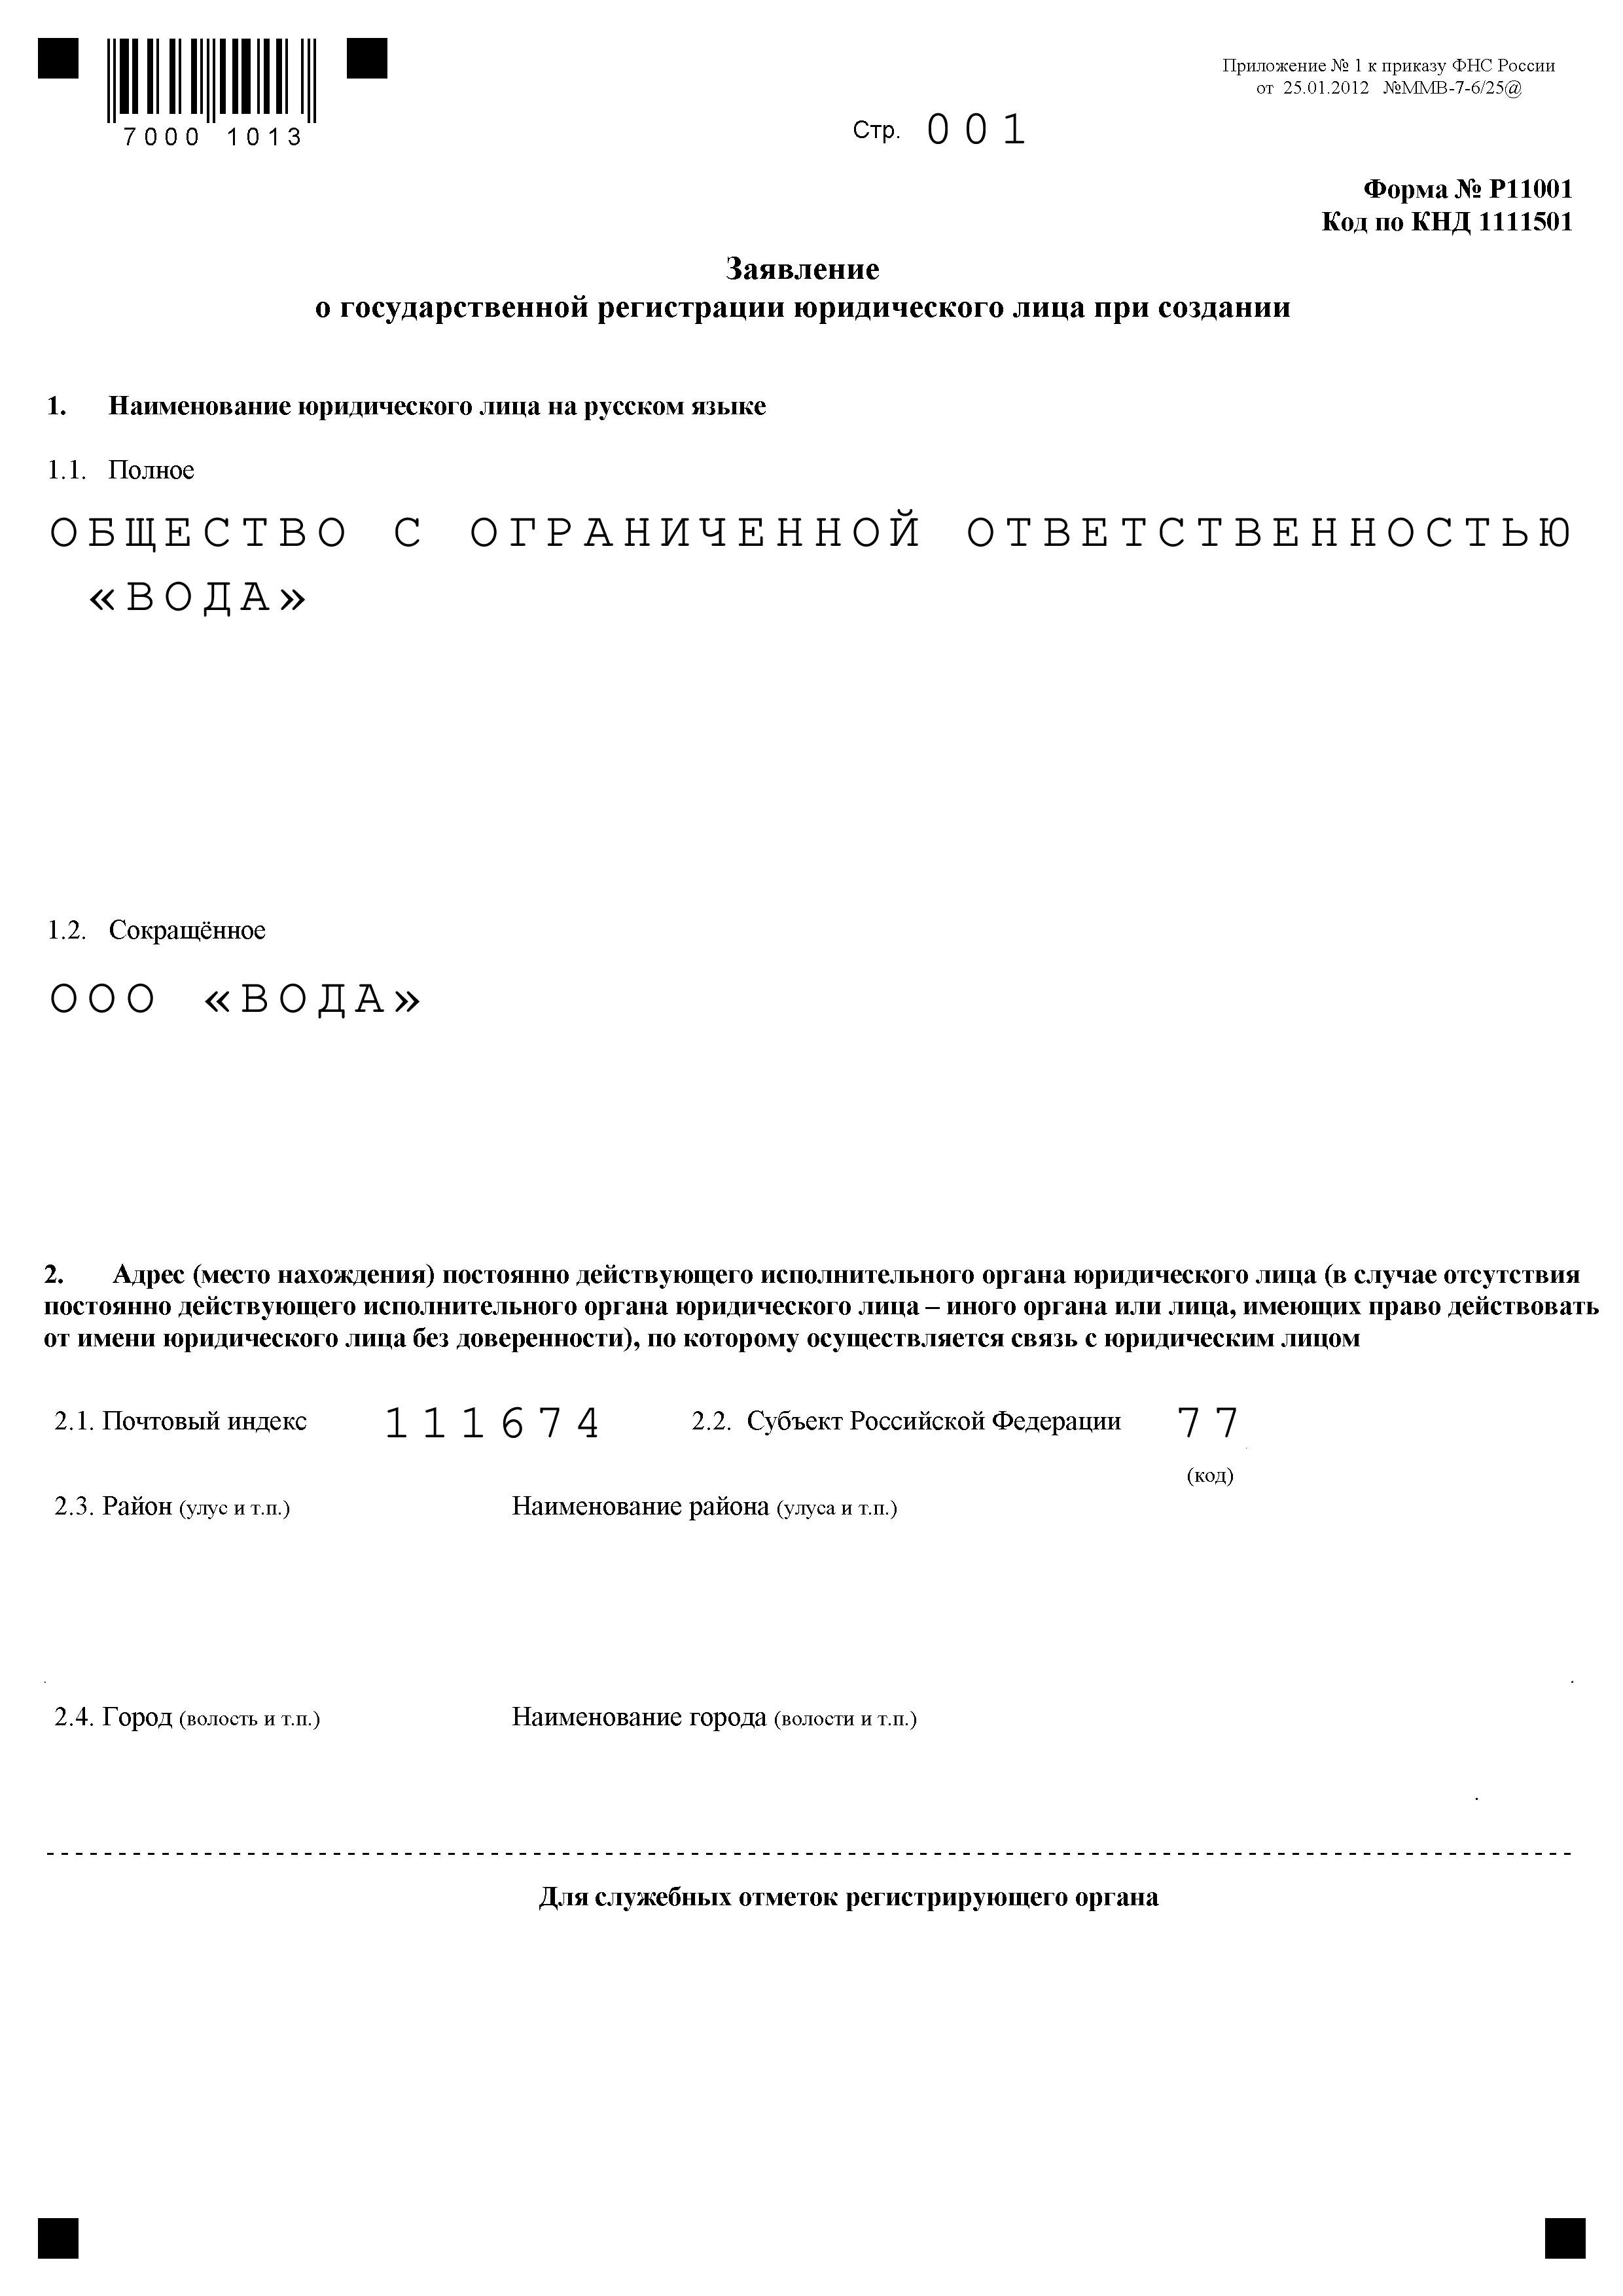 Заявление о регистрации юридического лица форма Р11001 в 2020 году